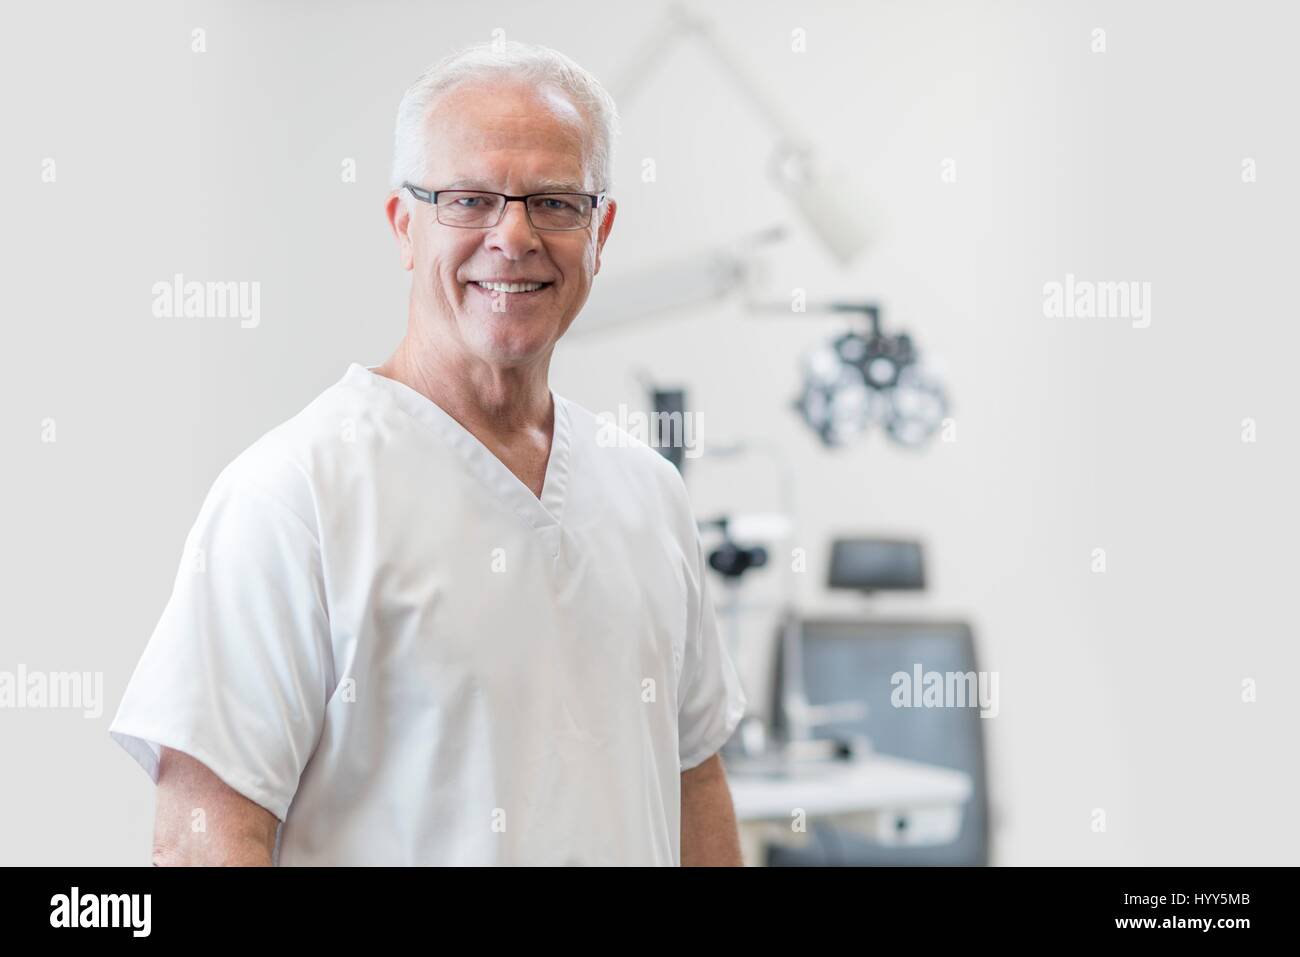 Hauts homme médecin dentiste vers l'appareil photo, portrait. Photo Stock